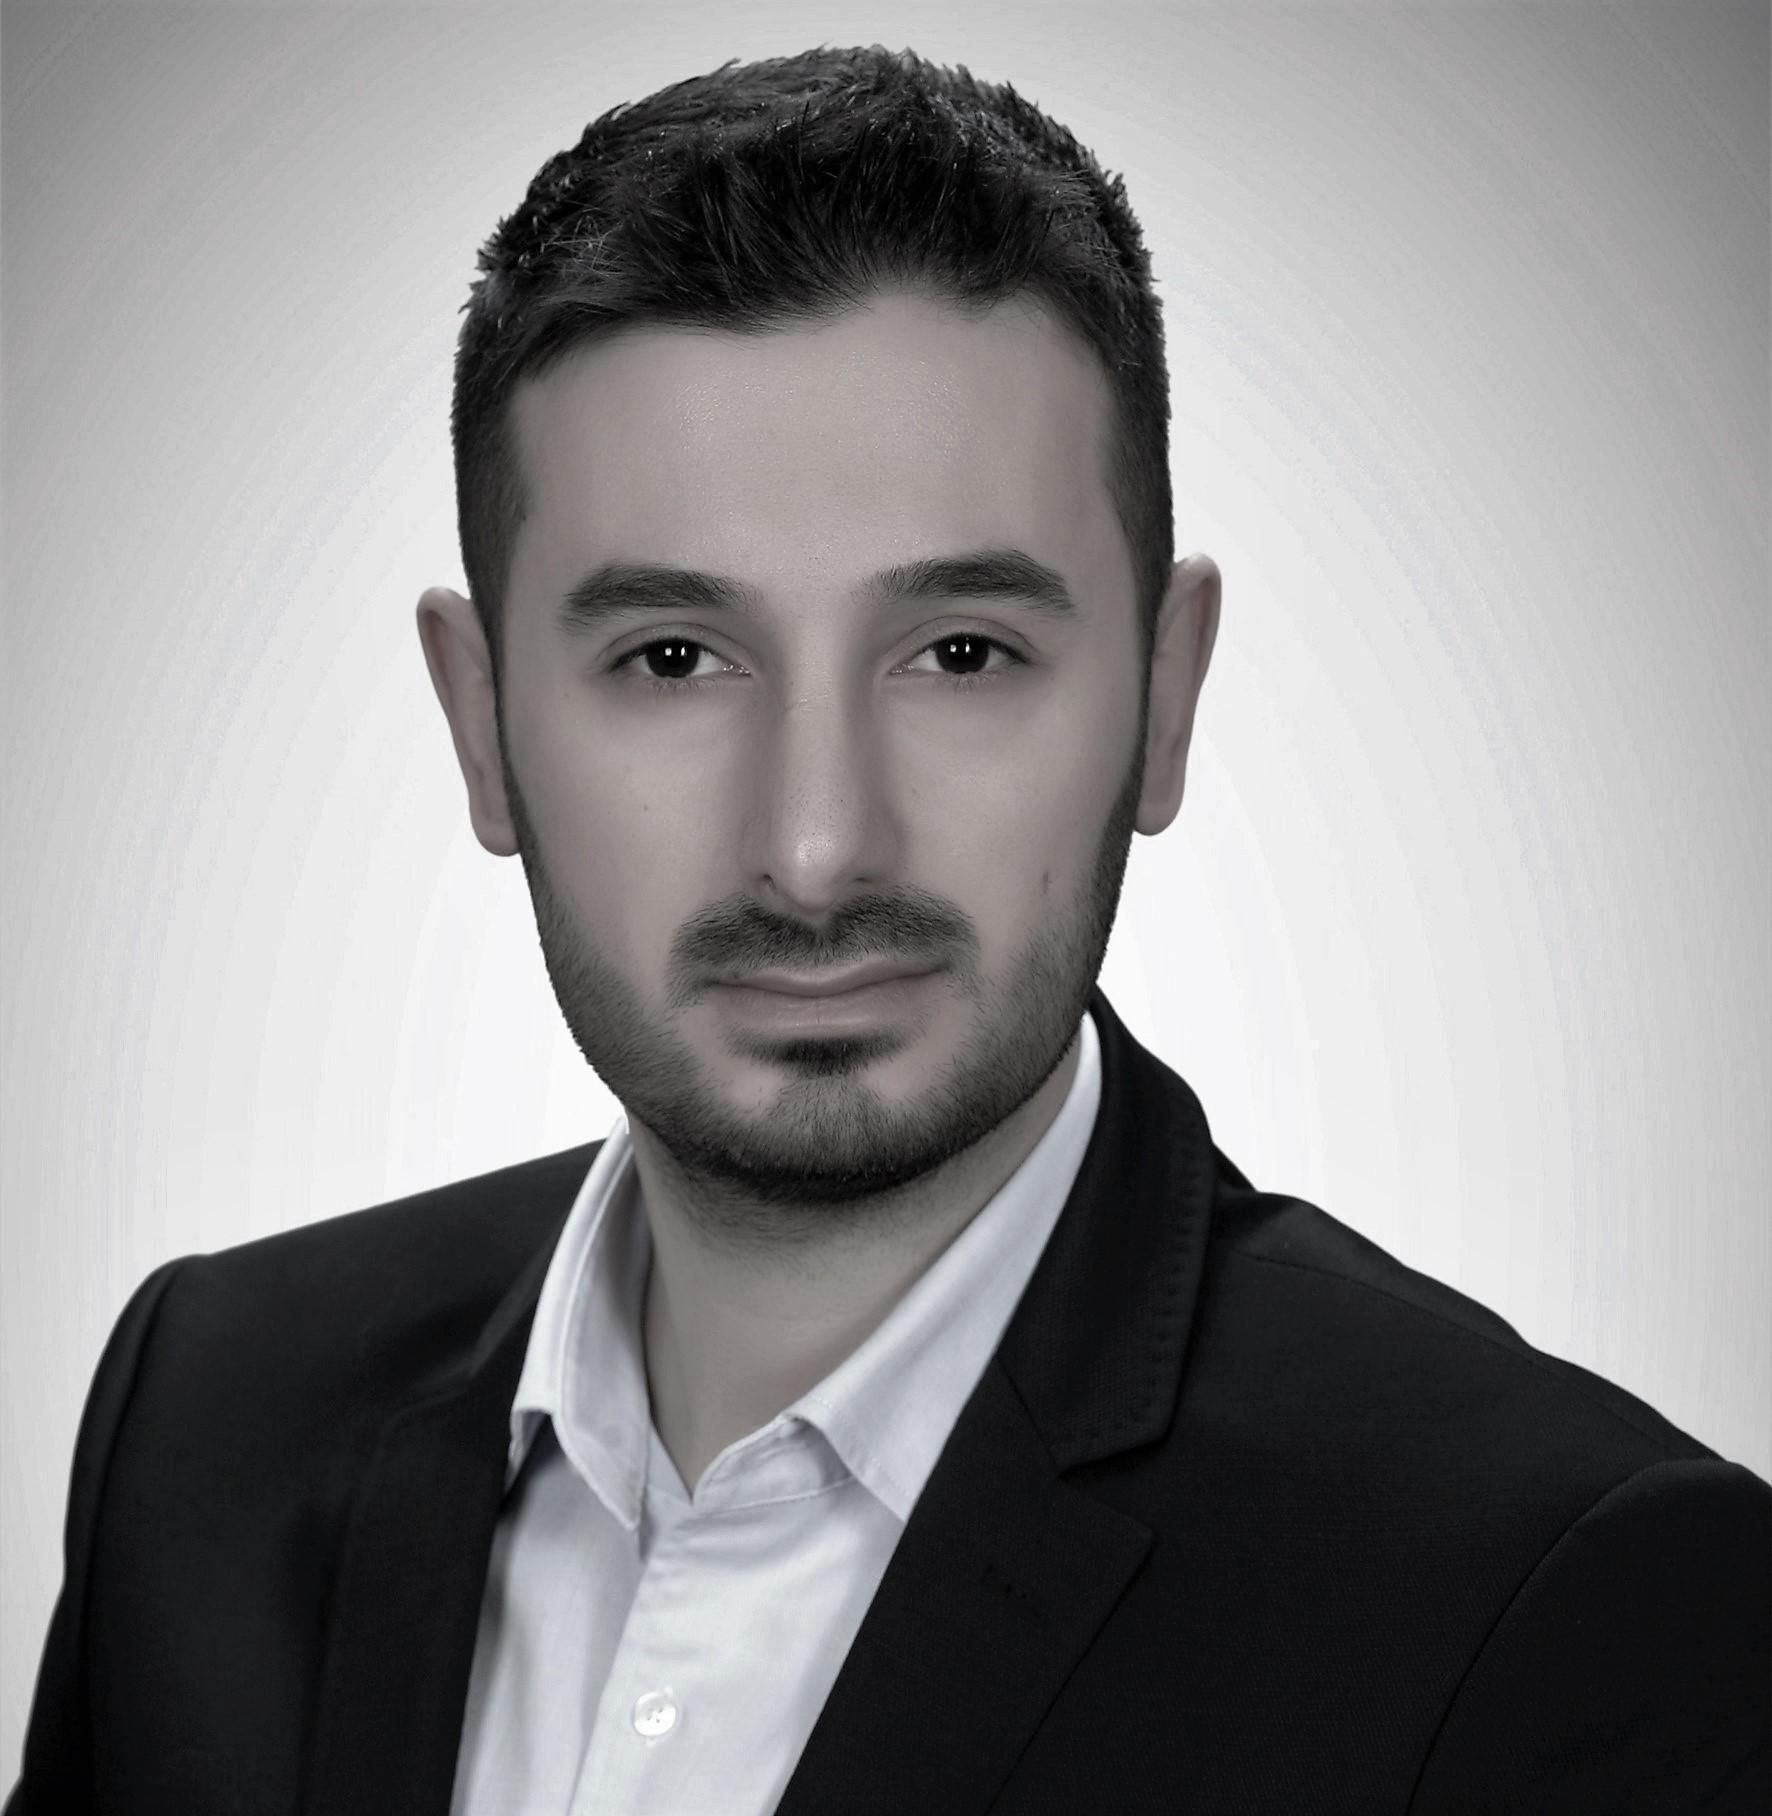 Kontakt Ferhat Tastan, Außendienstmitarbeiter TrigasFI